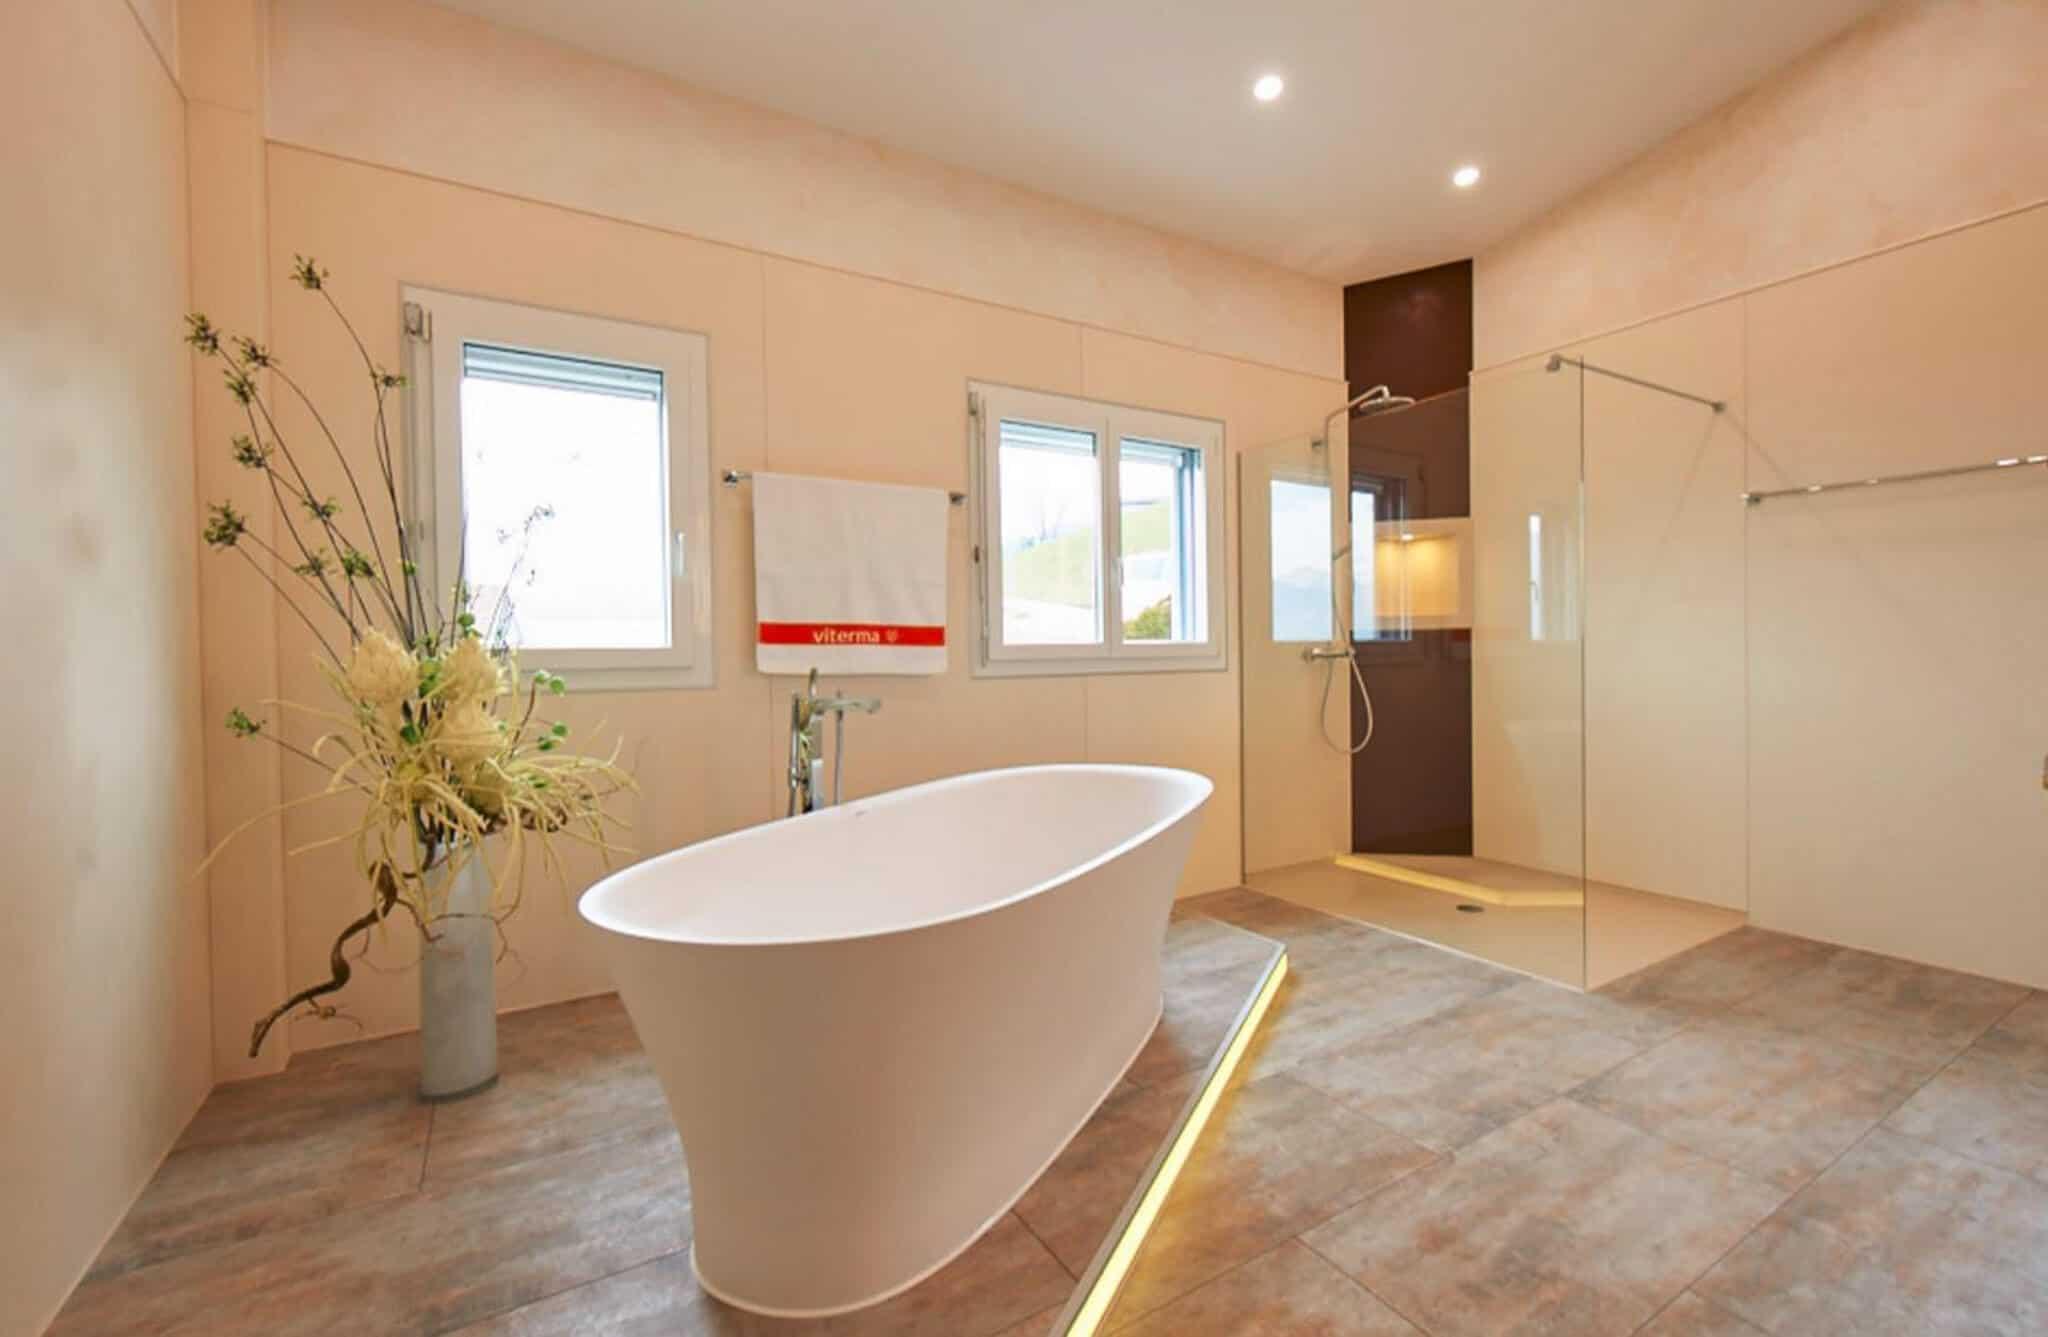 Badrenovation Zürich – Ihr Qualitätsbad in wenigen Tagen